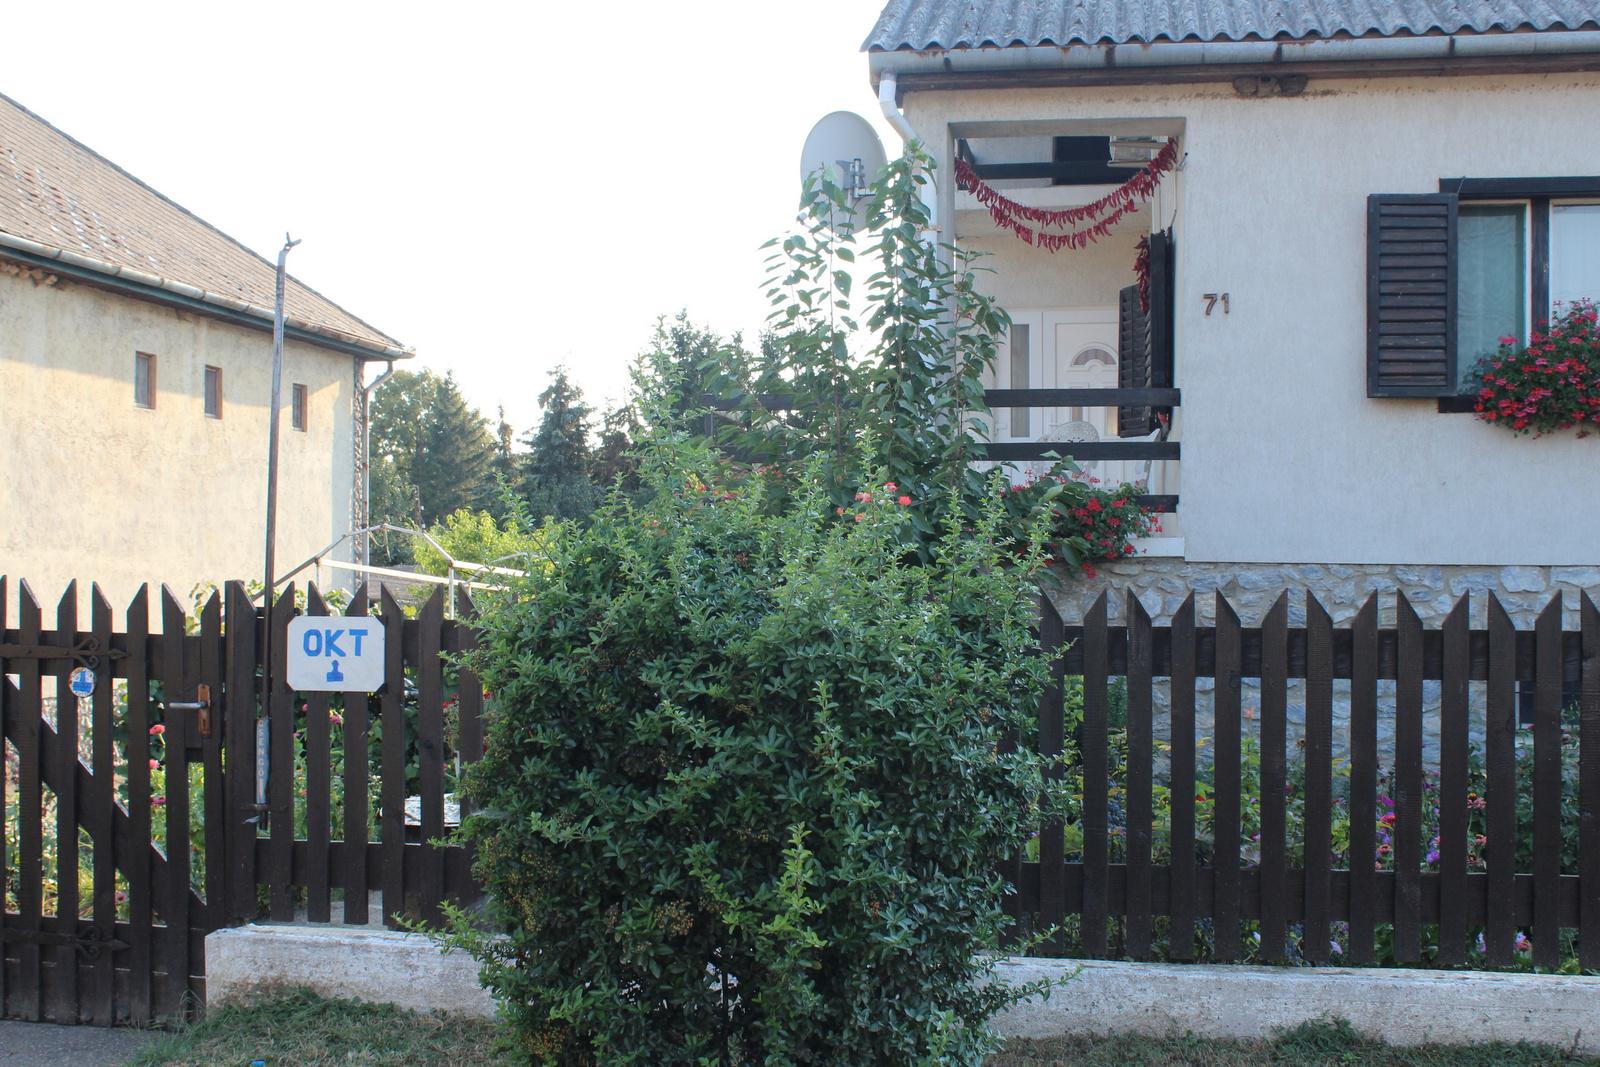 20180818-76-Baktakek-Belyegzo